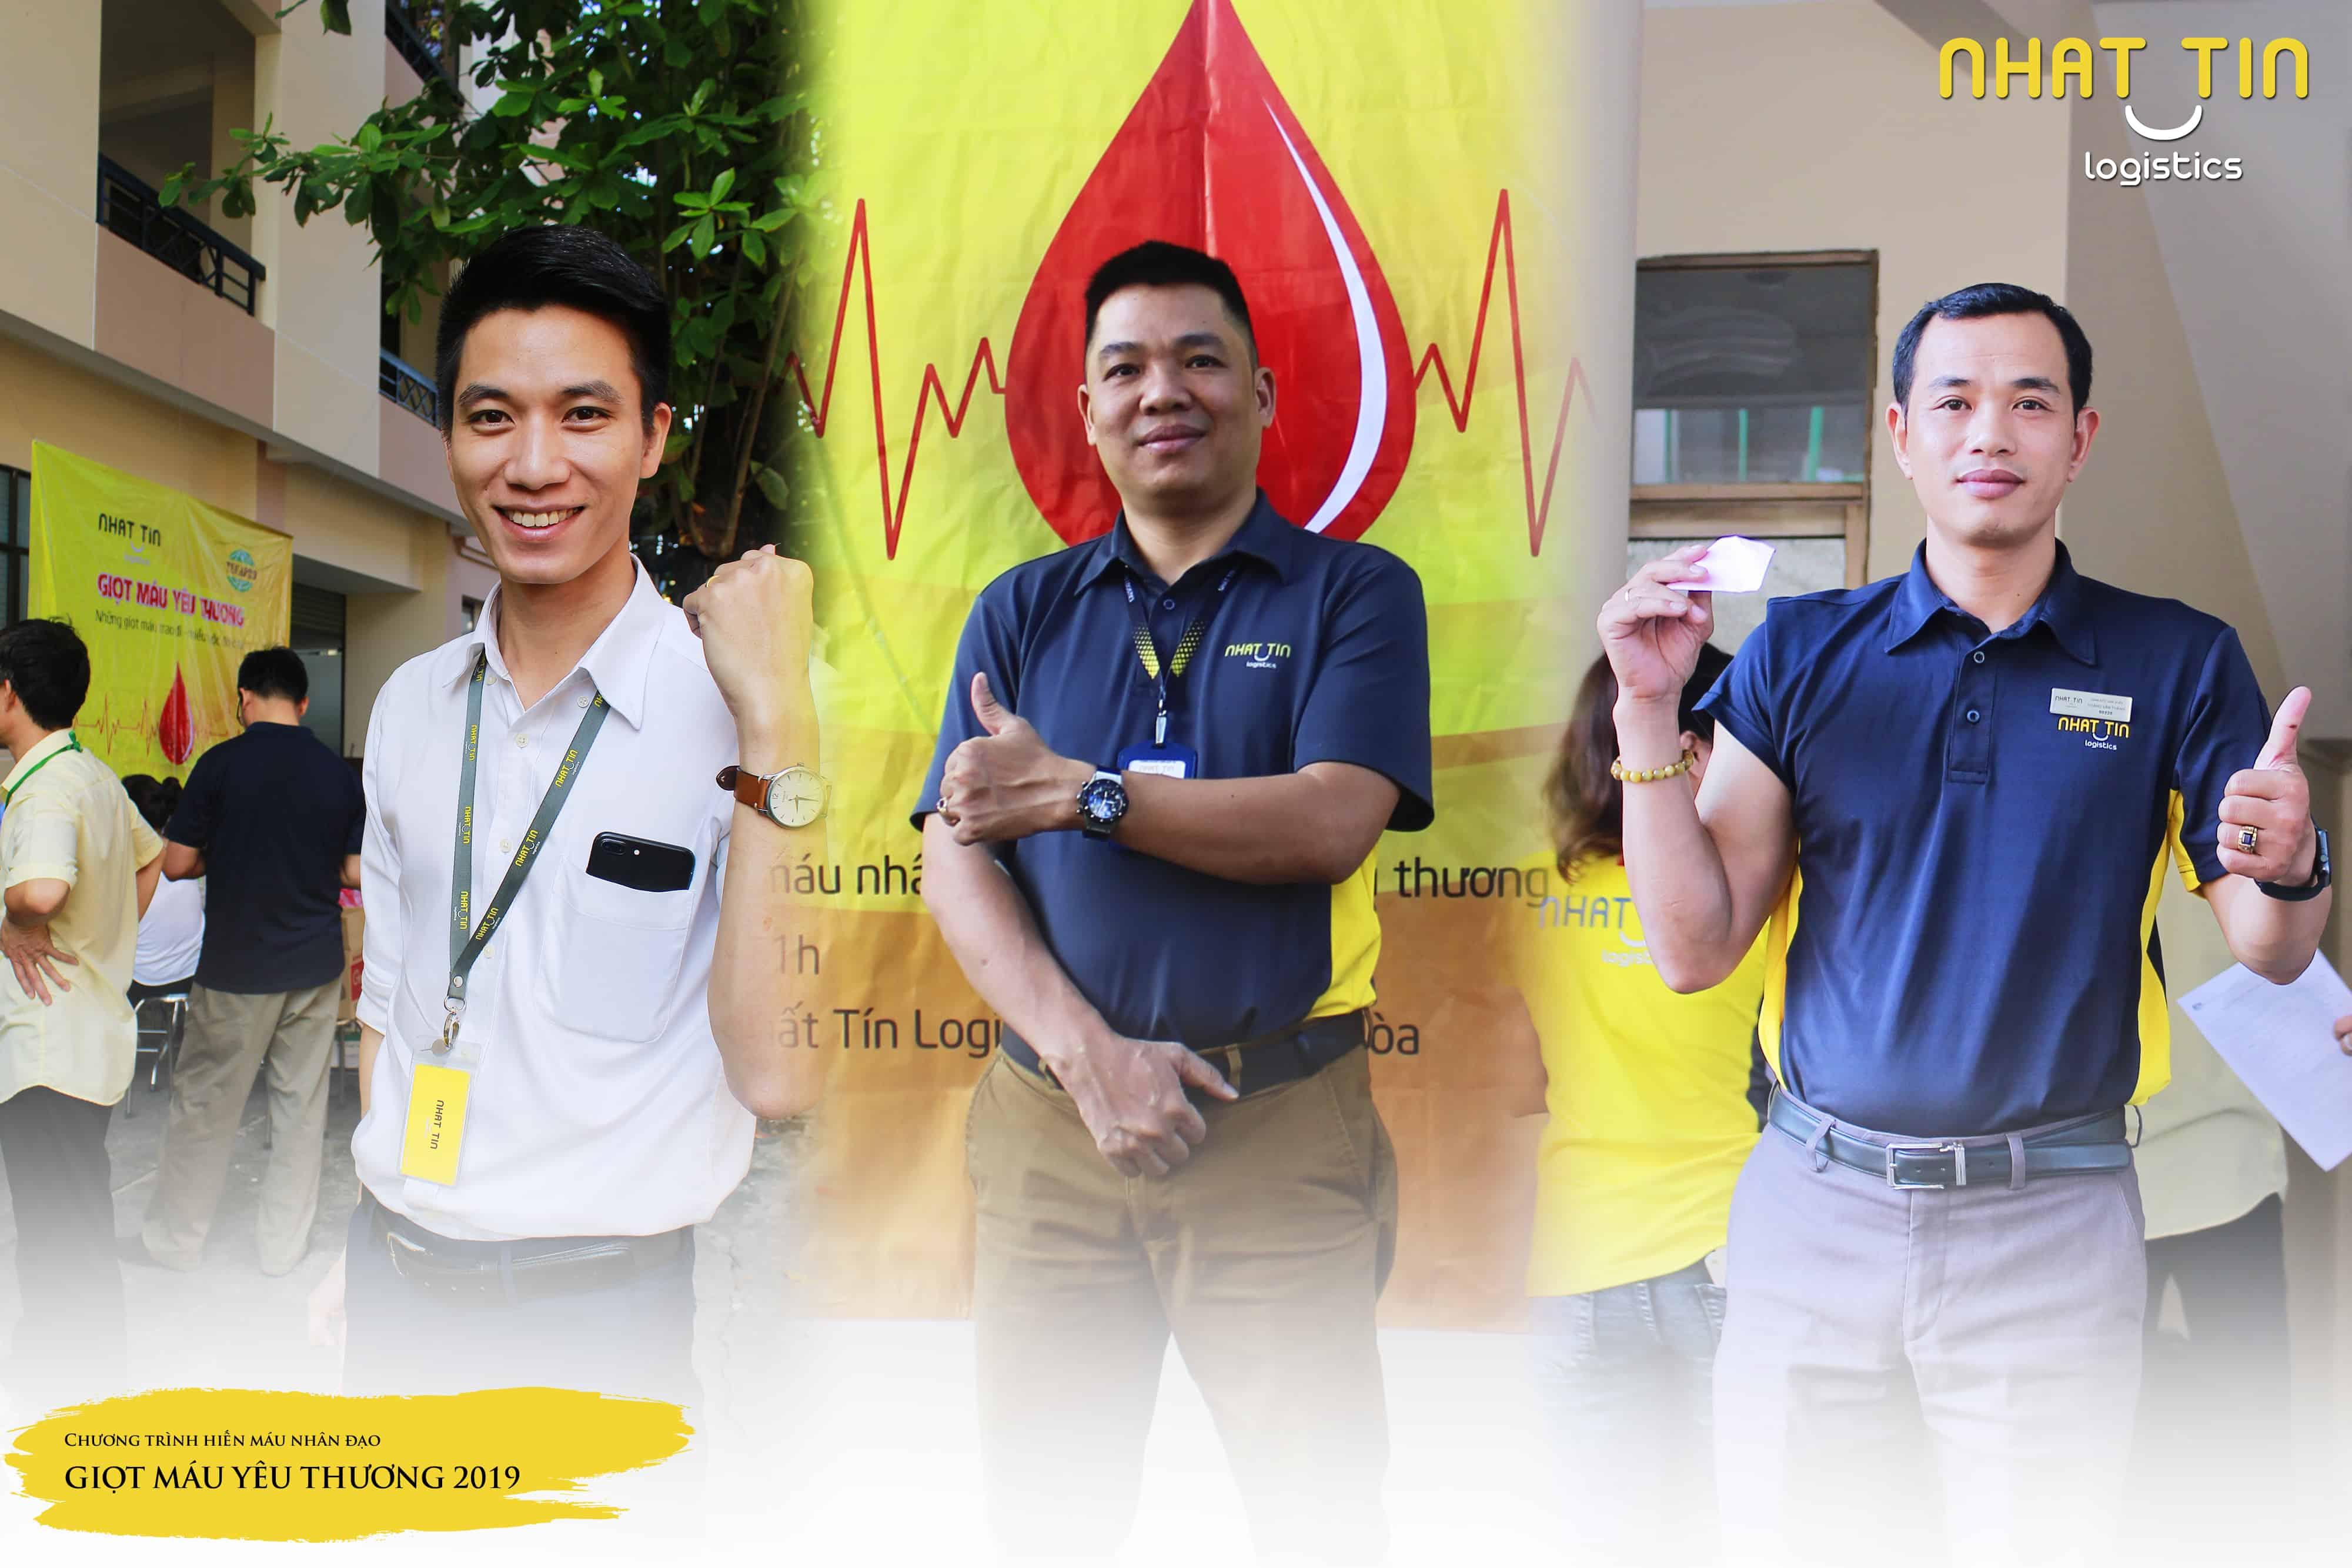 Nhất Tín phối hợp cùng Tecapro tổ chức hoạt động hiến máu nhân đạo – Giọt máu yêu thương 2019